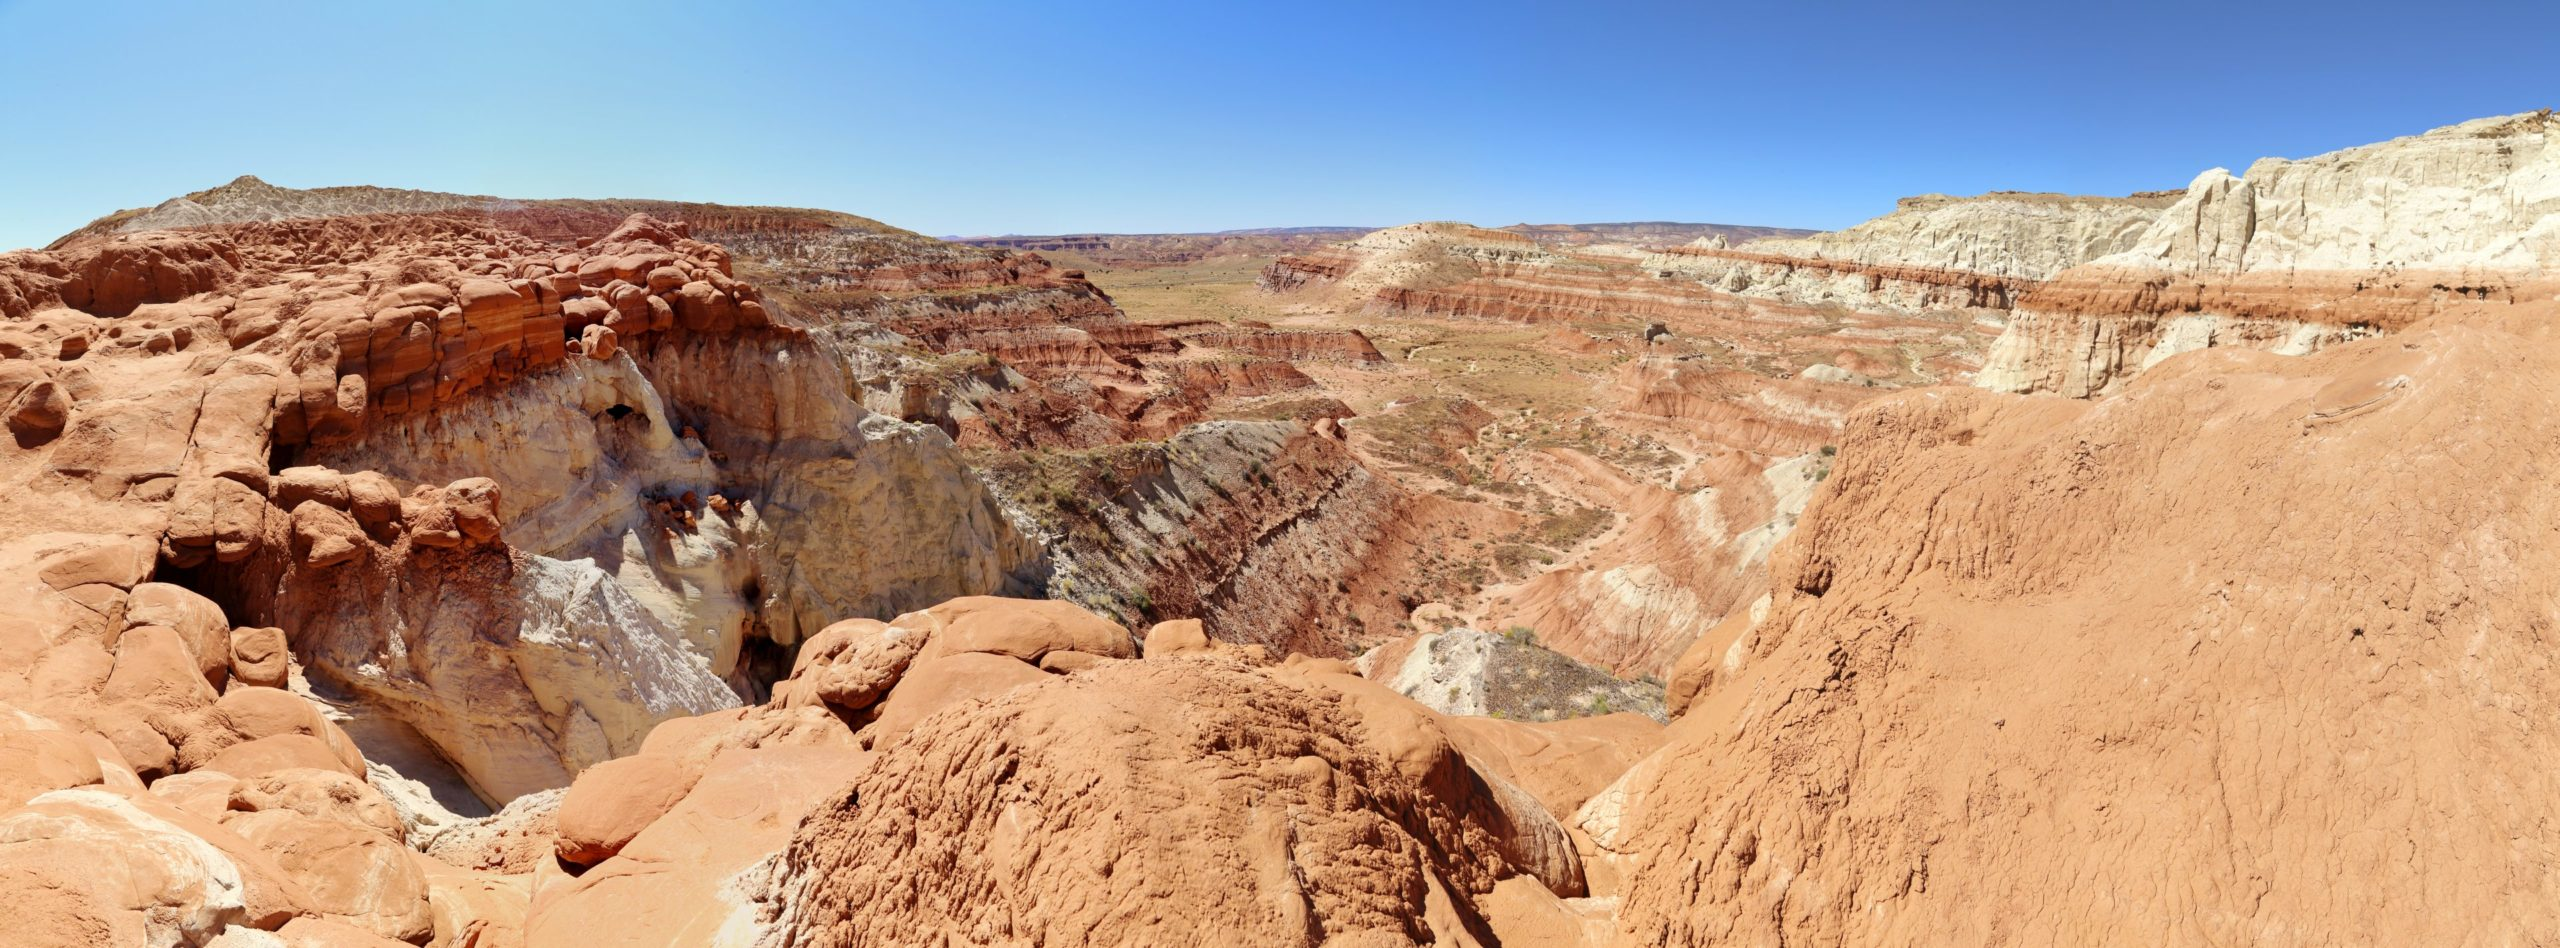 Imposante Landschaften egal wo wir auch sind - Aussicht, Farben, farbenfroh, Felsformationen, Felslandschaft, Fernsicht, Geologie, Gesteinsschichten, Grand Staircase Escalante National Monument, GSENM, Himmel, Landschaft, Natur, Panorama, Paria Rimrocks, Sandstein, Sandsteinformationen, Toadstool Hoodoos, Utah - (, , )